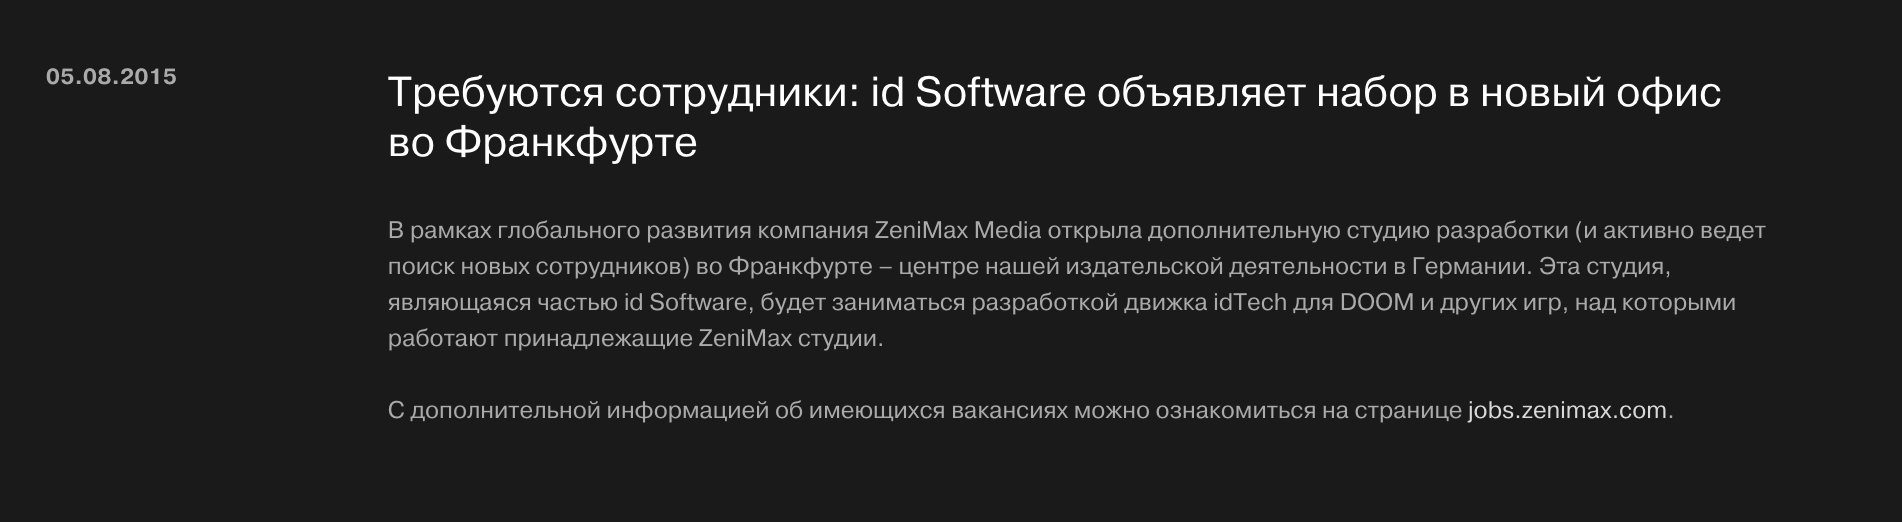 New Quake Bethesda Id Software